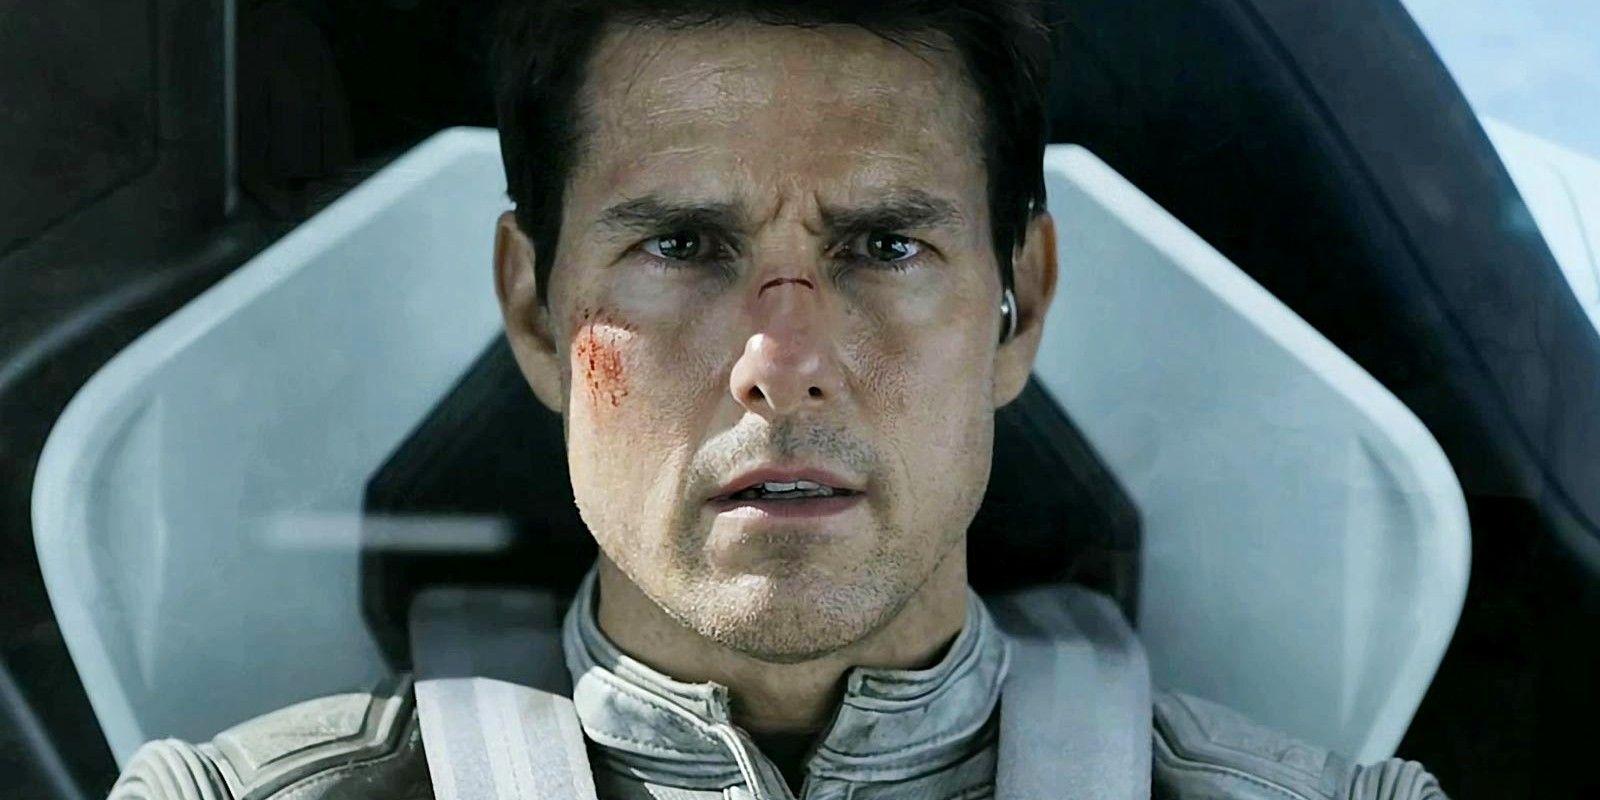 Kiderült mennyiért forgat Tom Cruise filmet az űrben